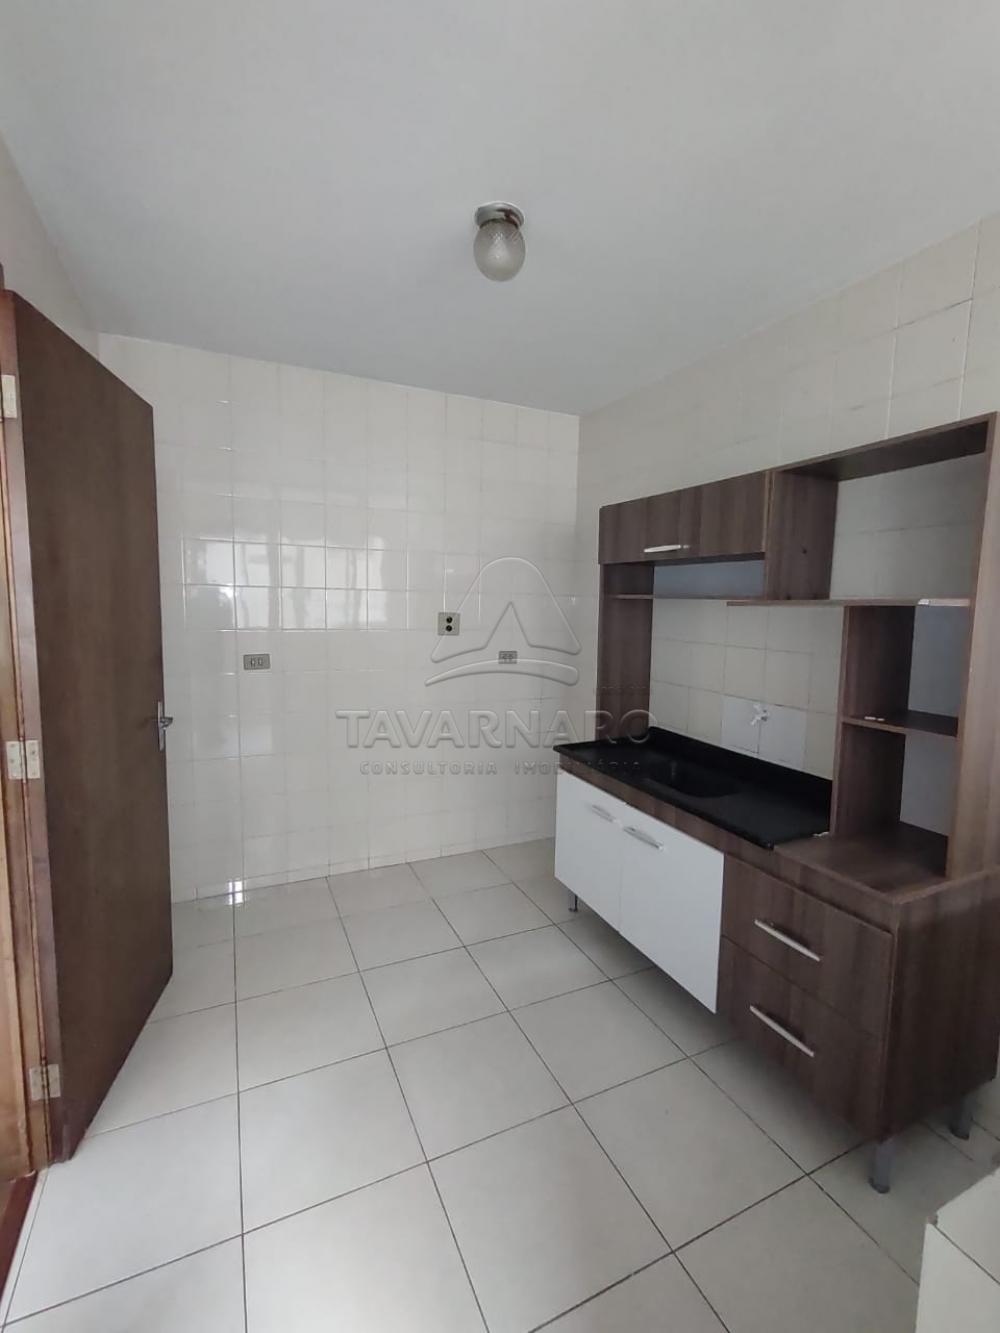 Alugar Apartamento / Padrão em Ponta Grossa R$ 750,00 - Foto 19